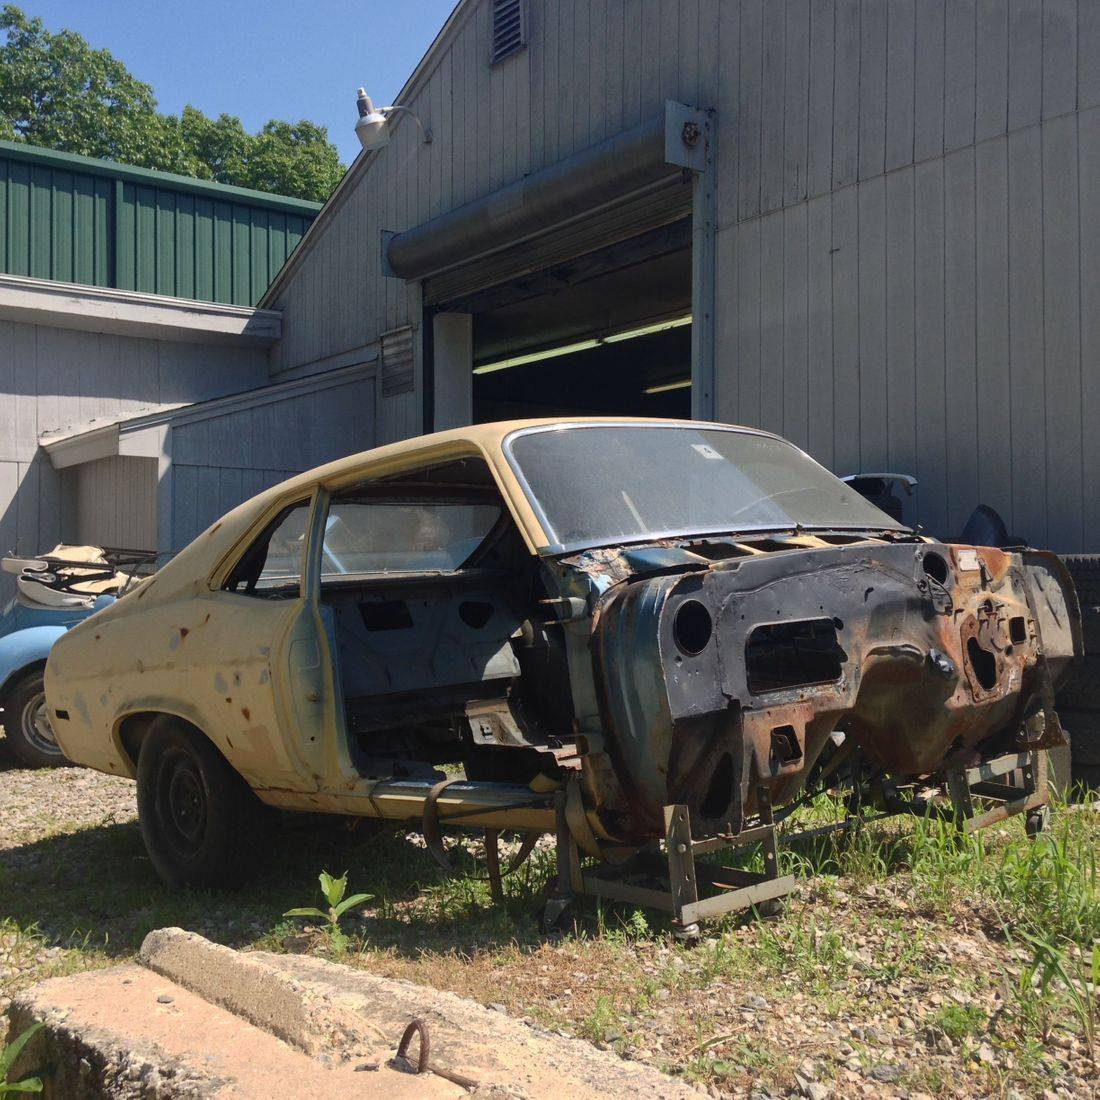 1970 Nova project car